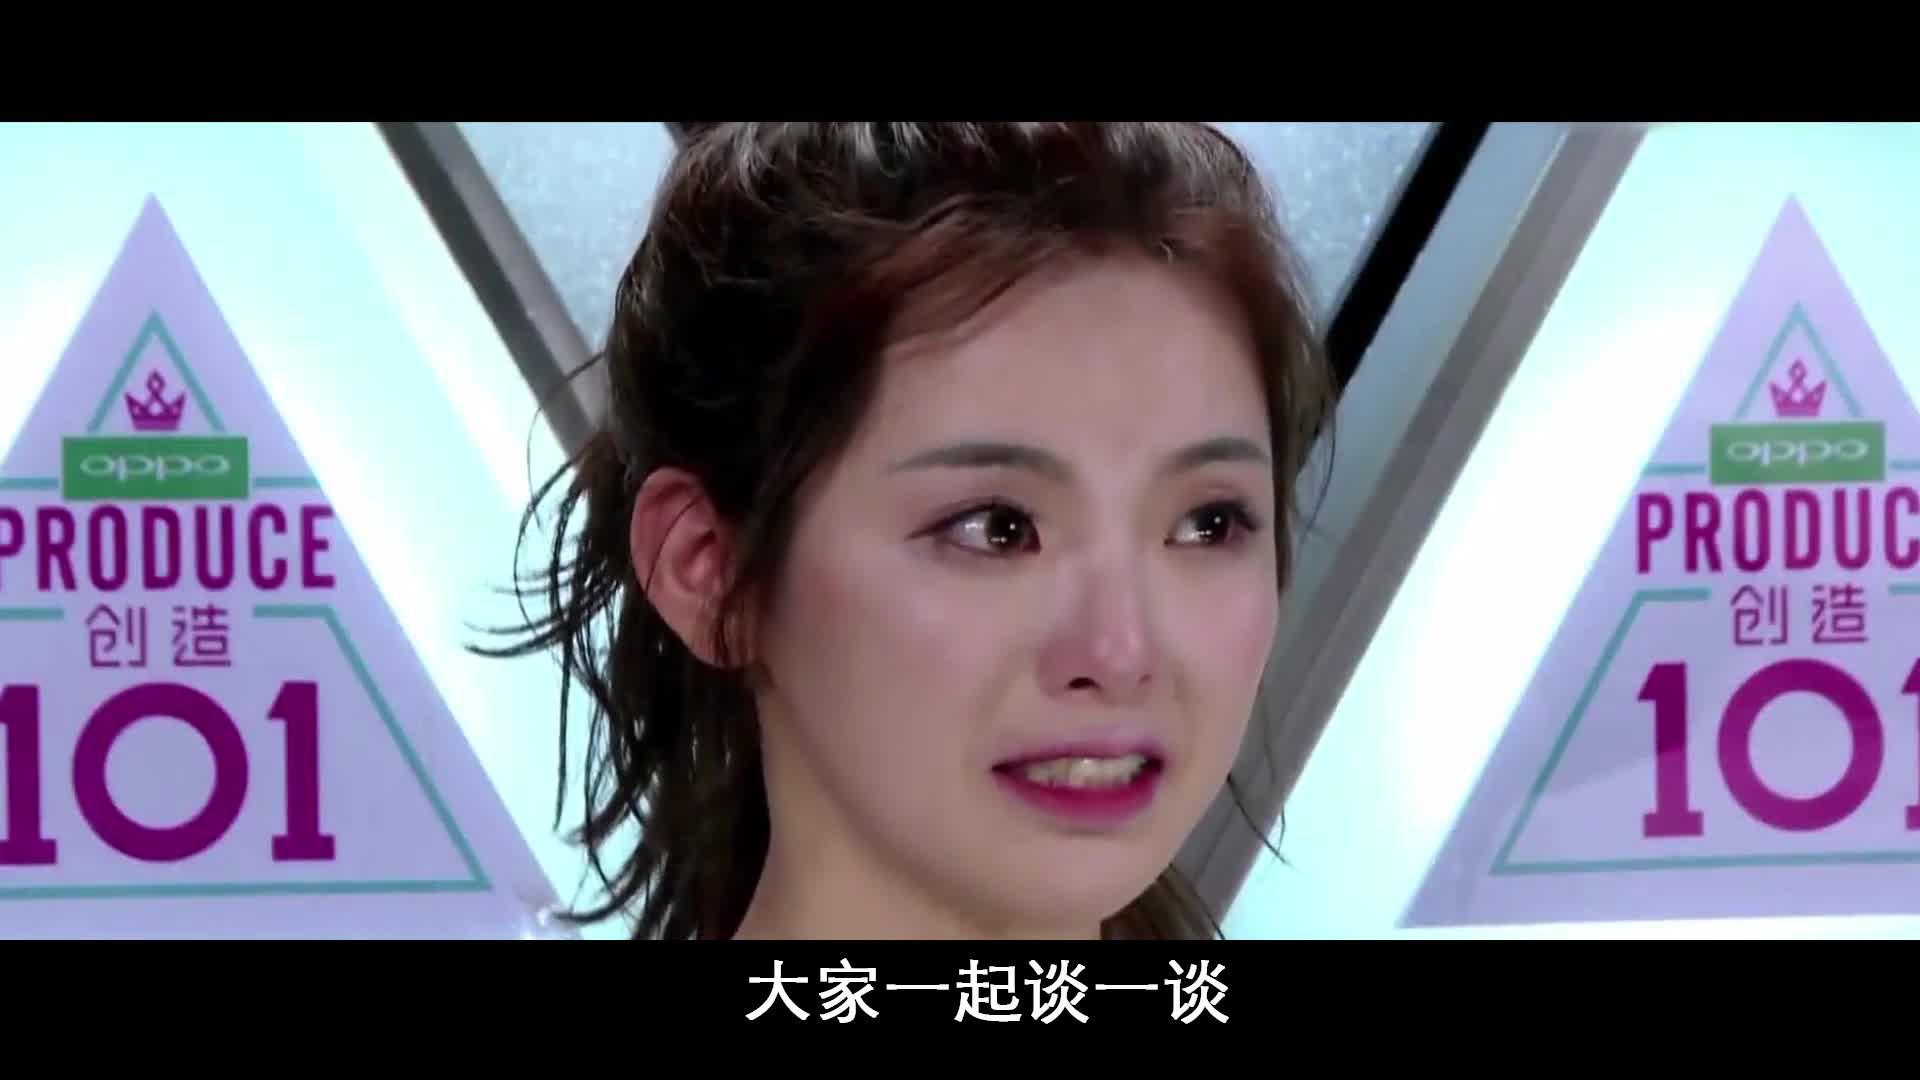 #电影最前线#杨超越又踩雷?敢上《吐槽大会》这样吐槽,是王思聪撑腰?